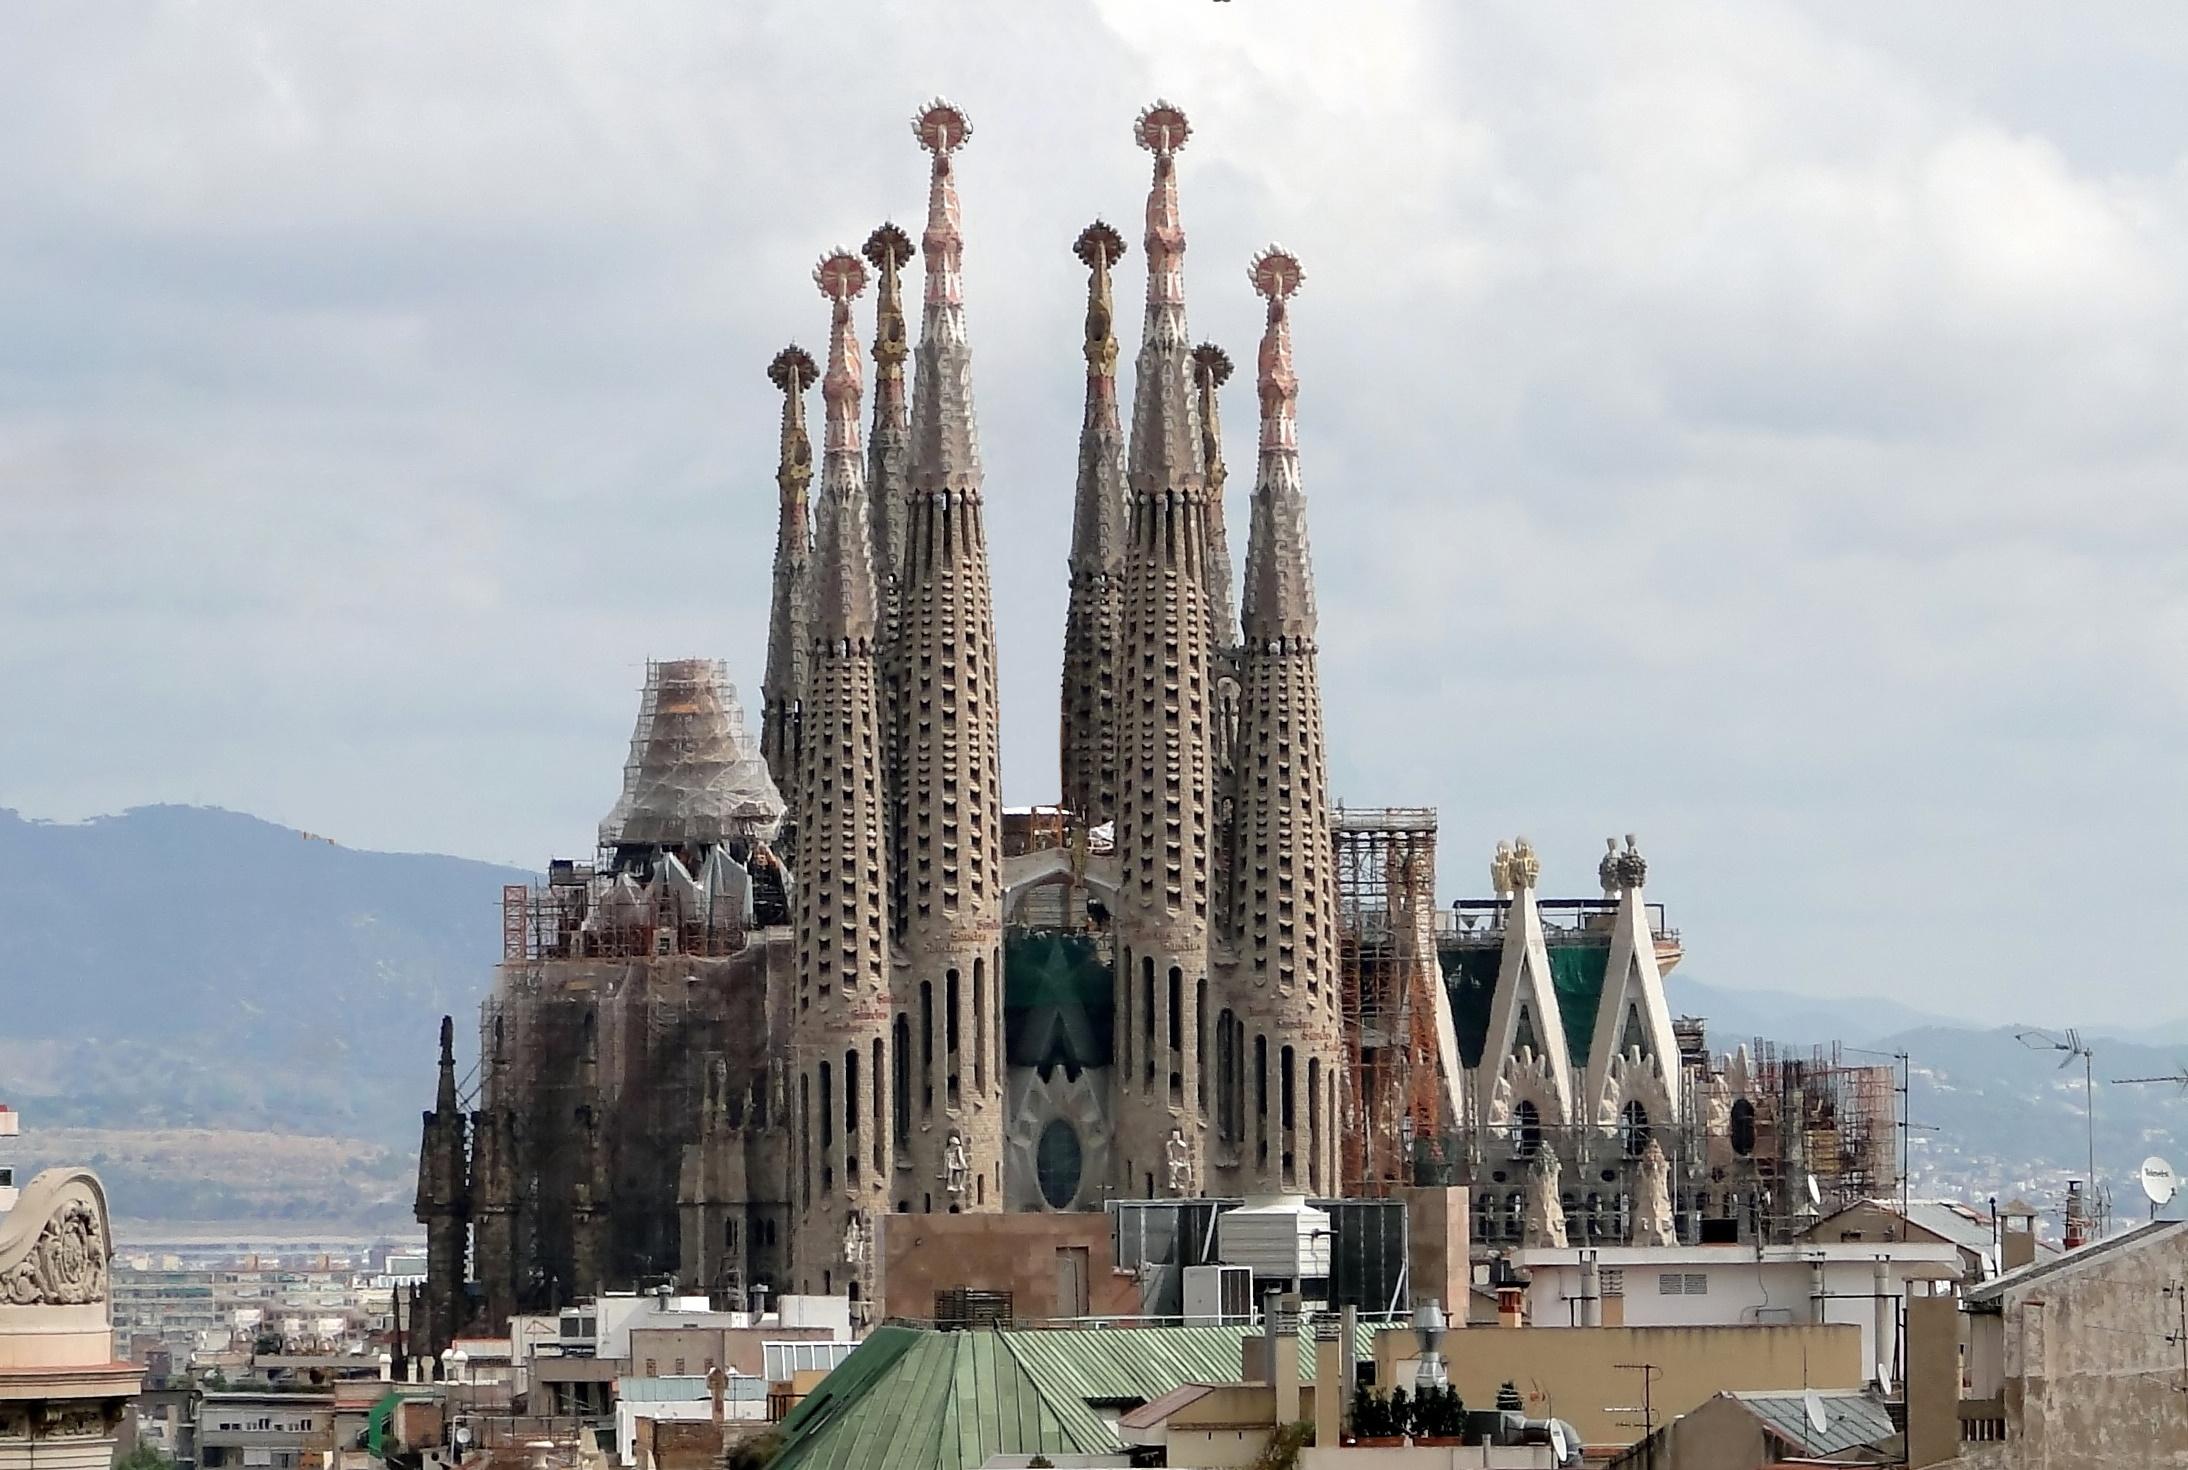 La Sagrada Familia II - Gaudi - Barcelona